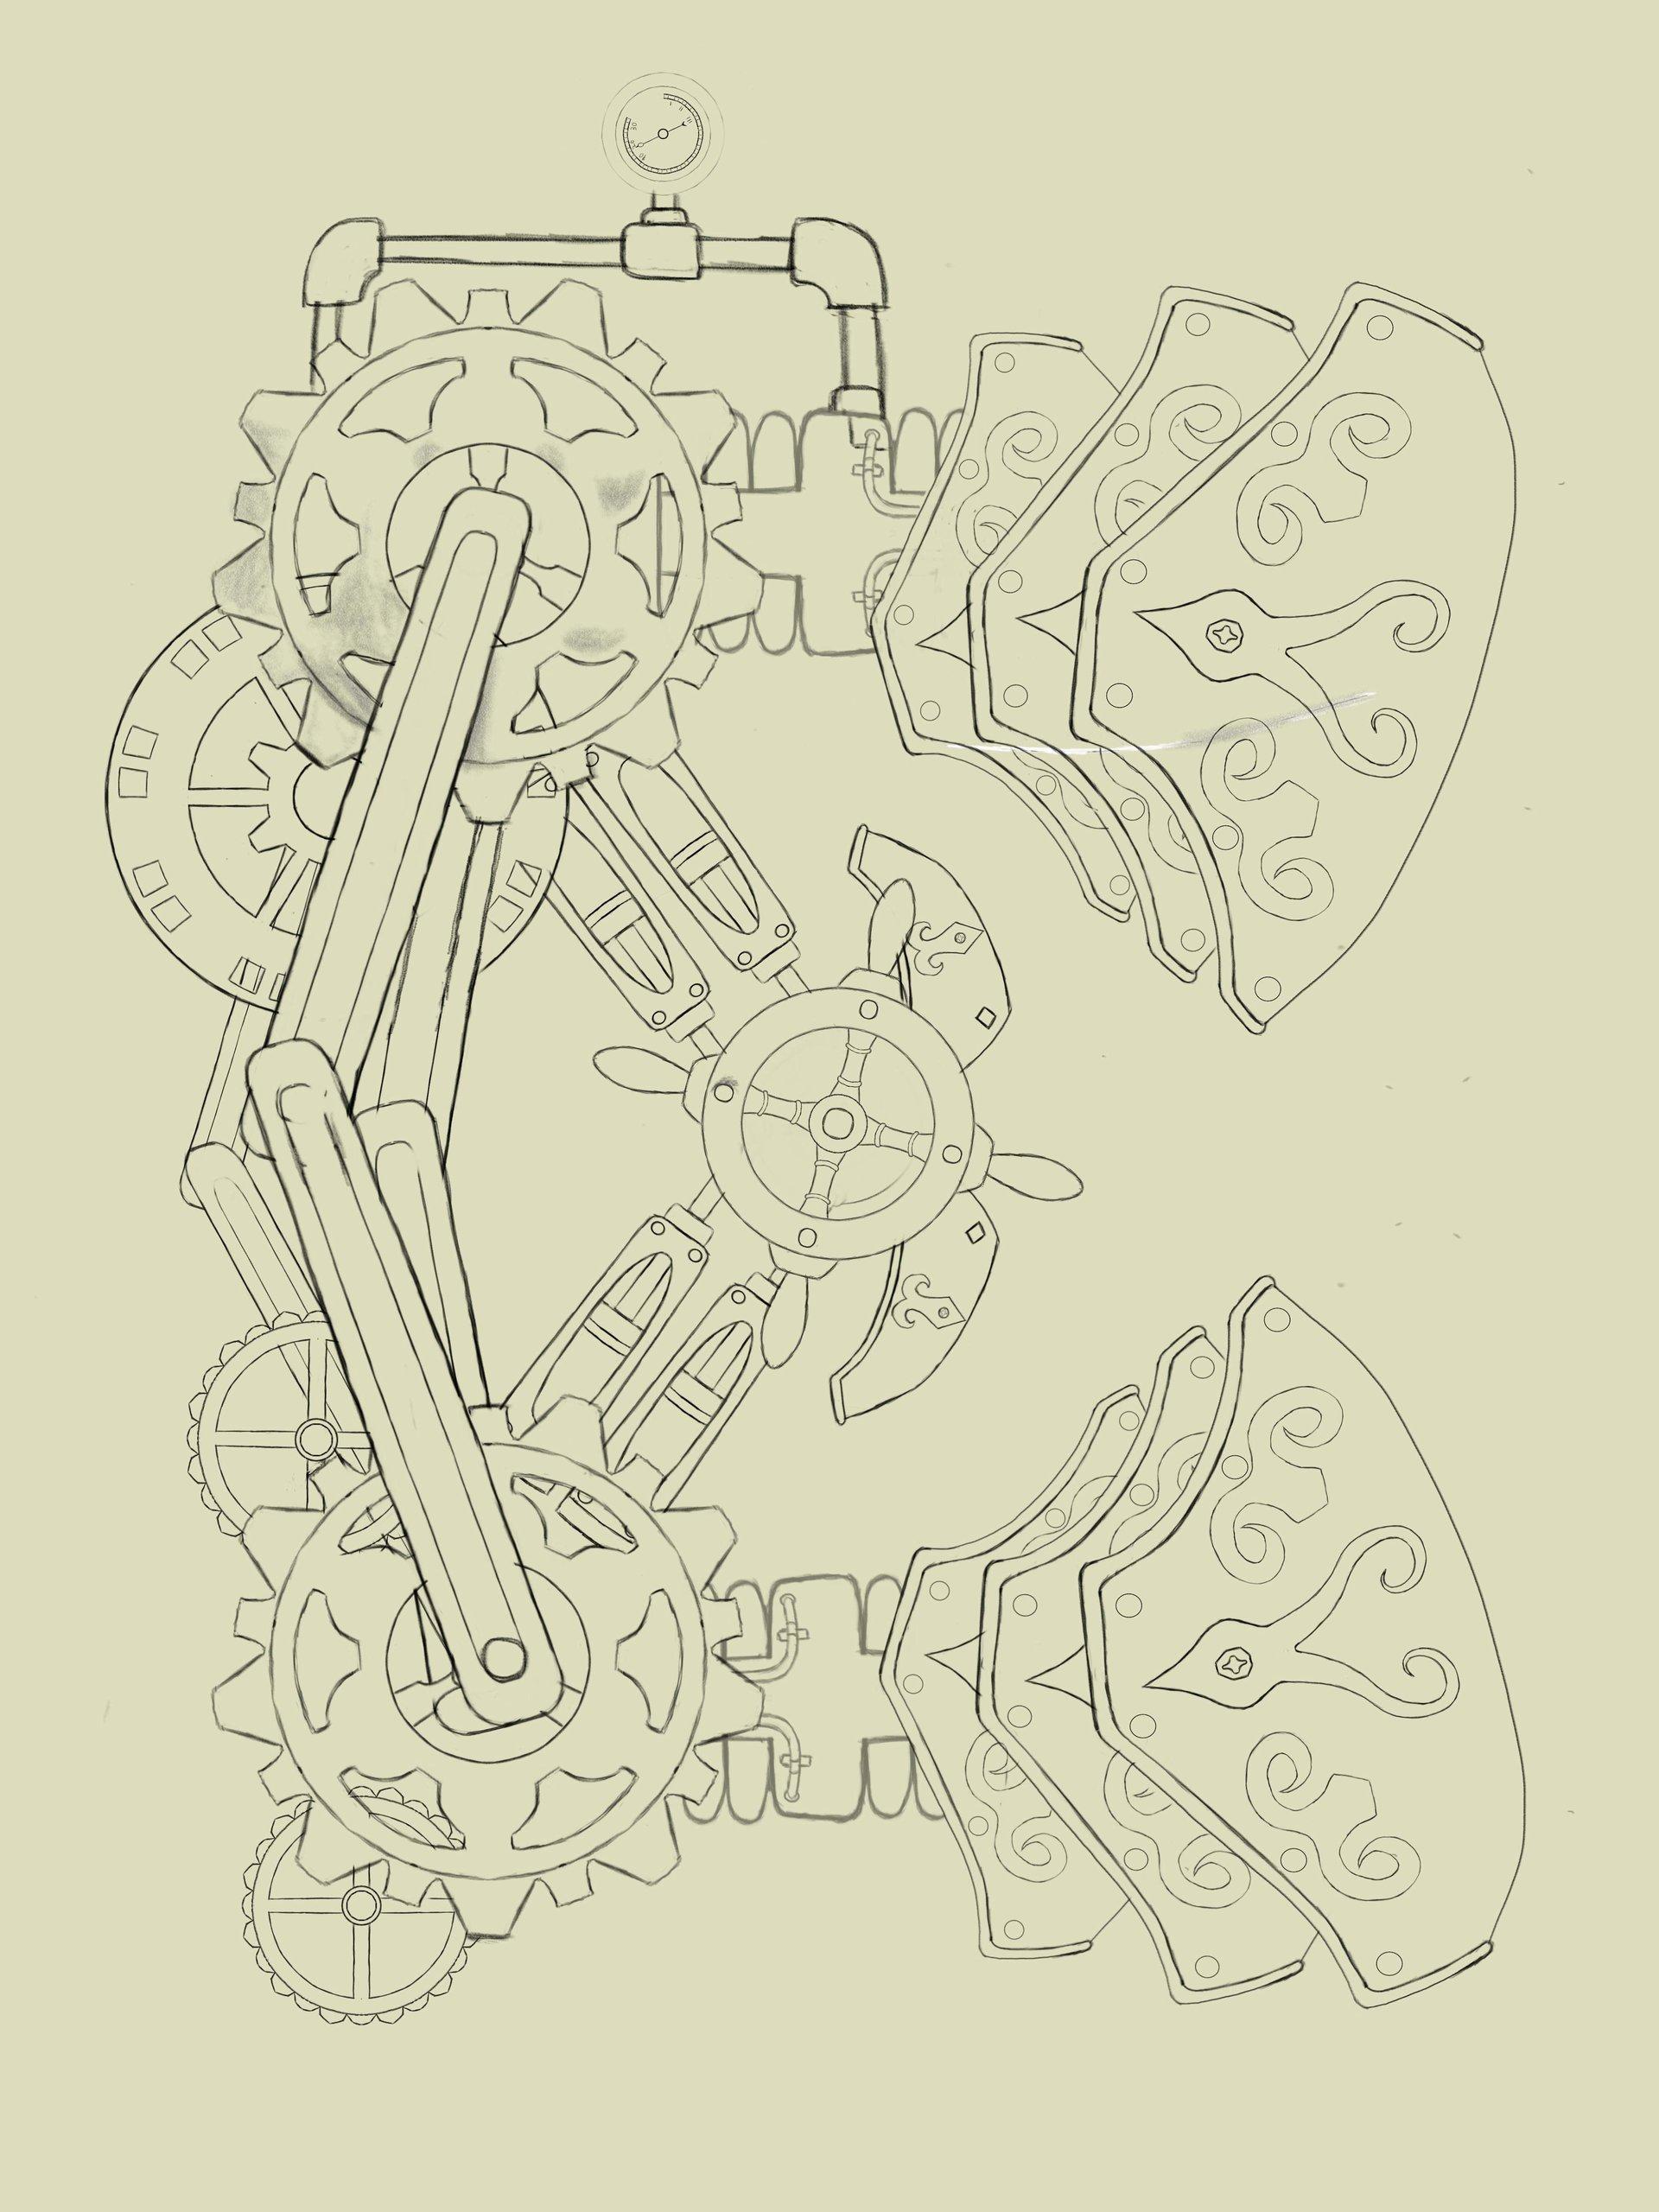 Emanuel pineiro letra steampunk 1